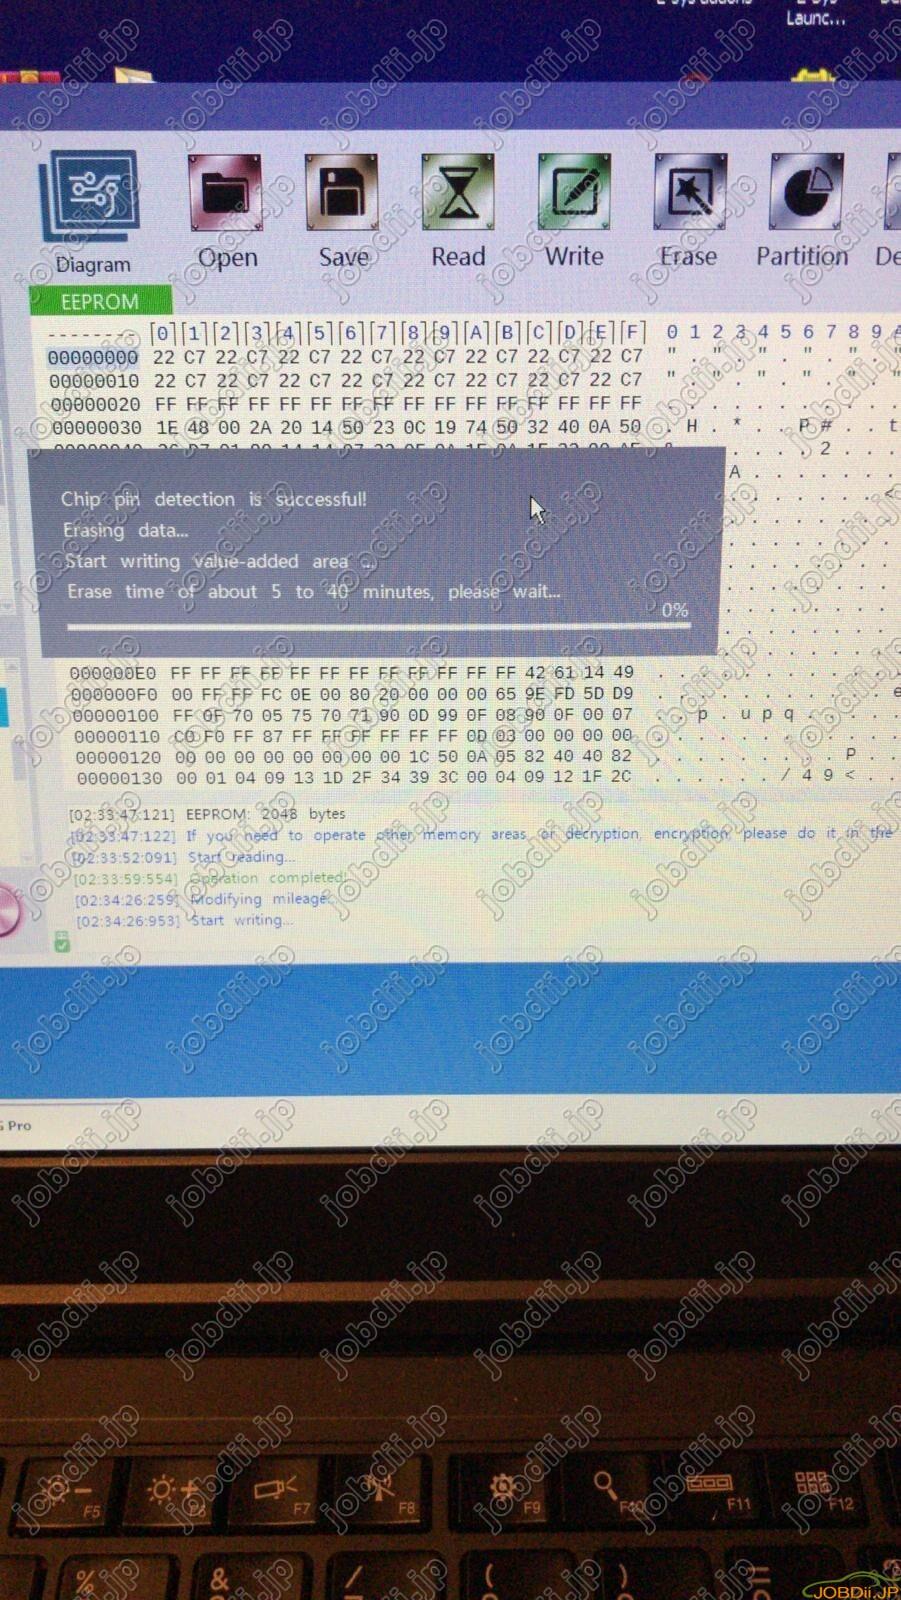 cg-pro-9s12-erase-failed-2